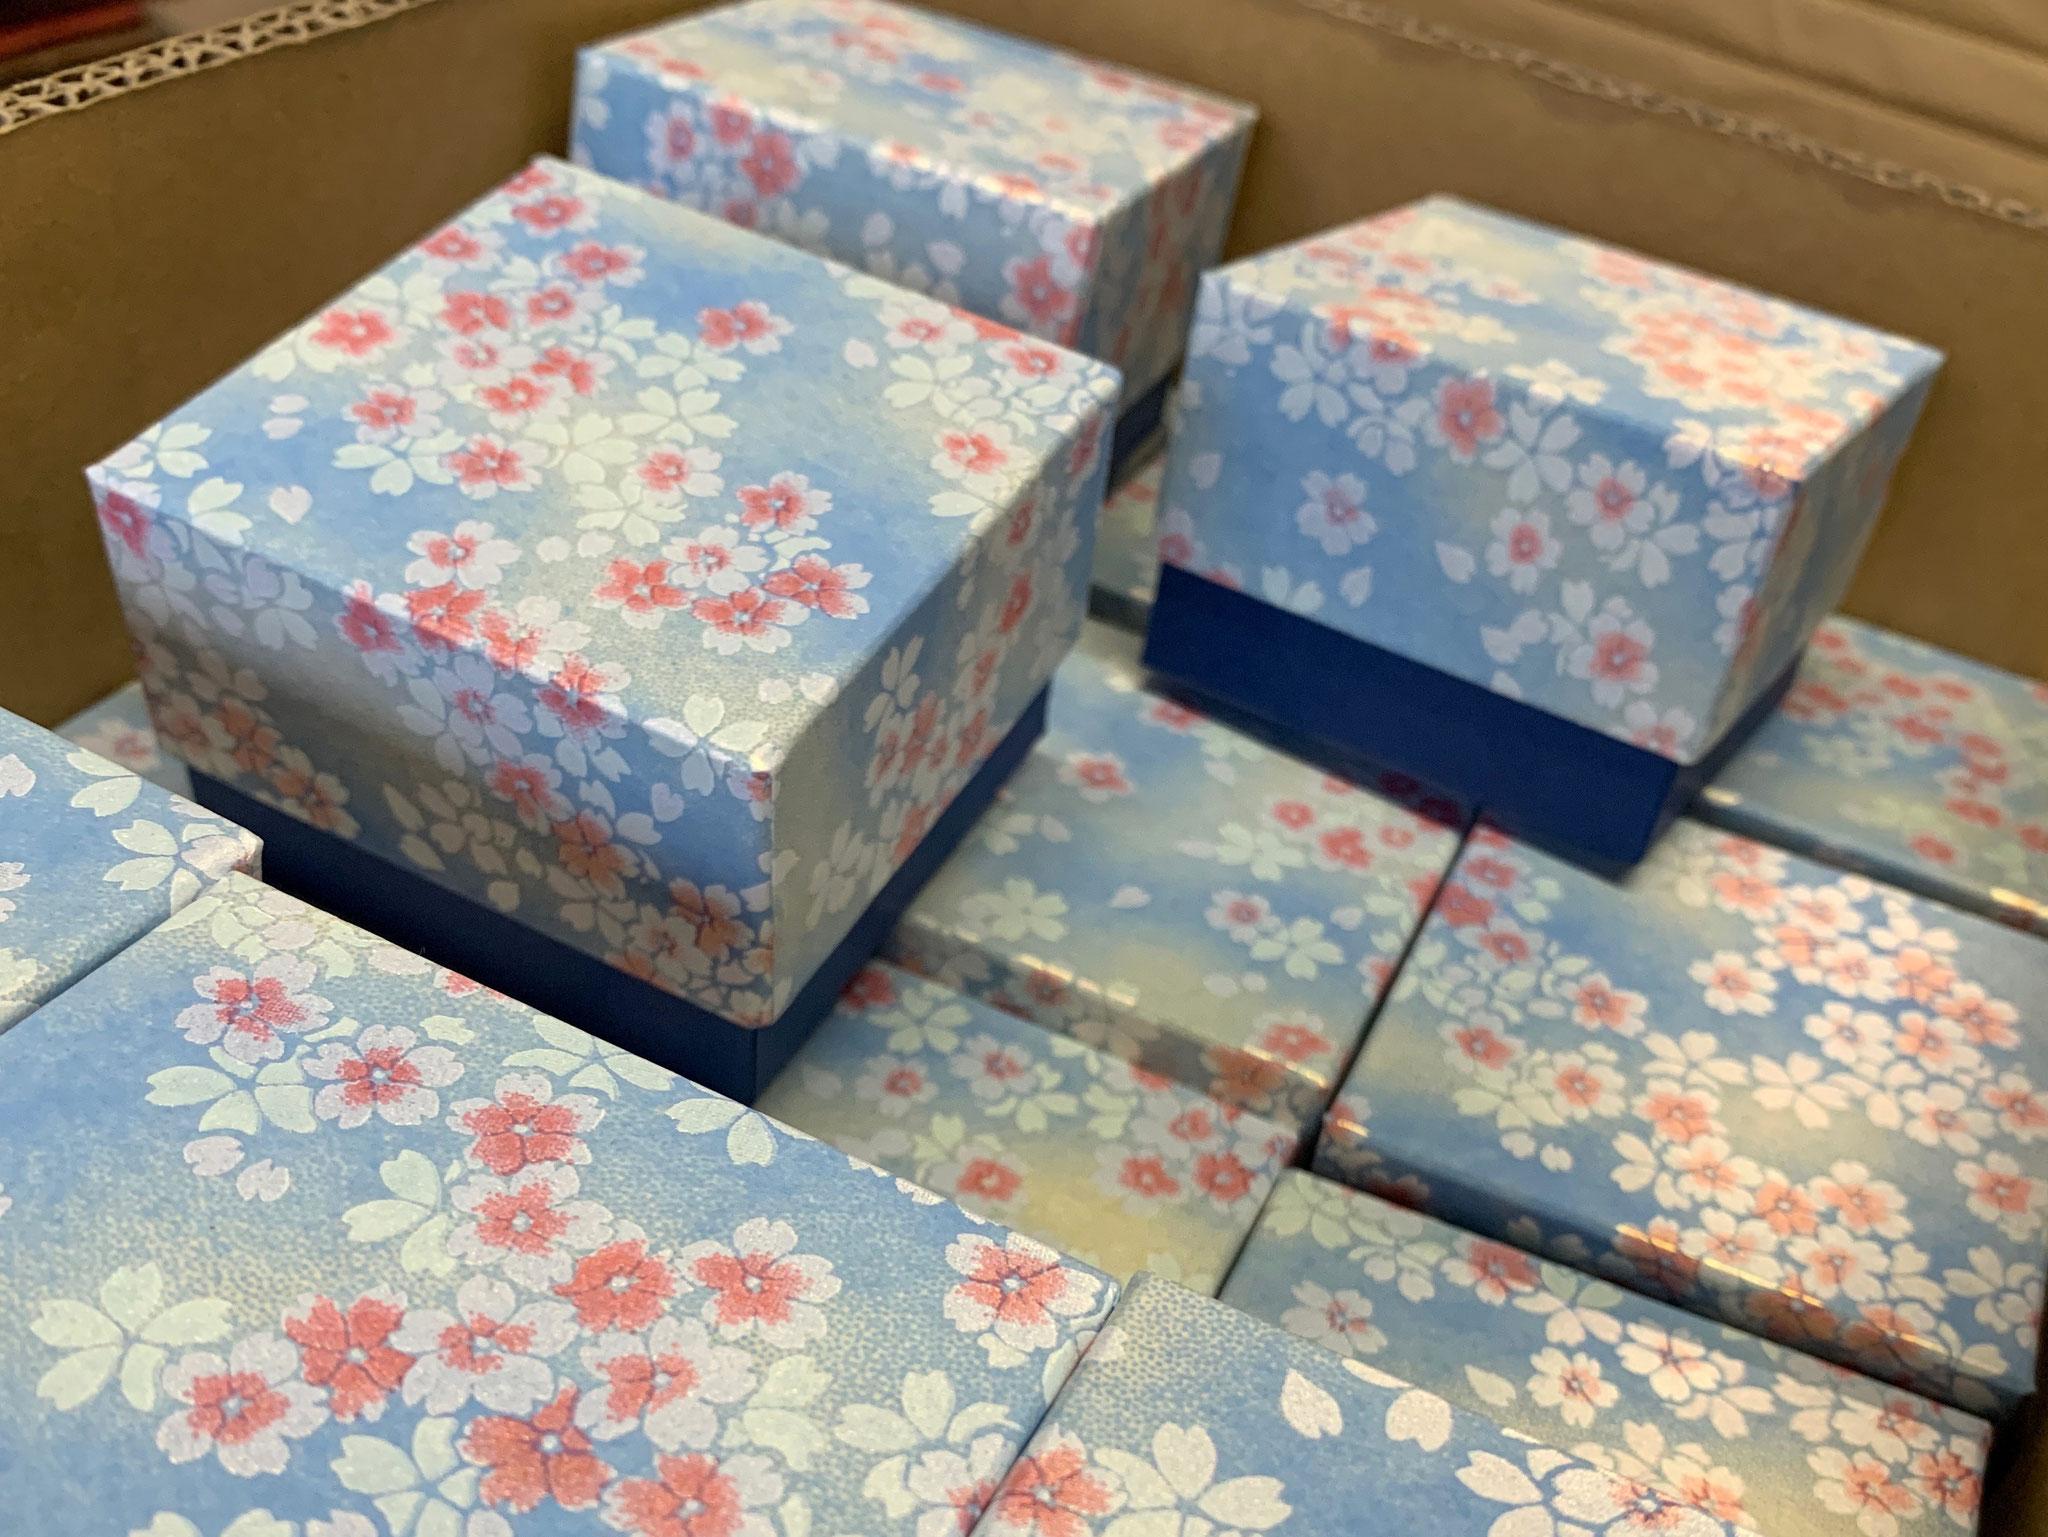 千代紙と鳥の子紙を使って別注で作製した貼り箱はスイスへ向けて発送しました